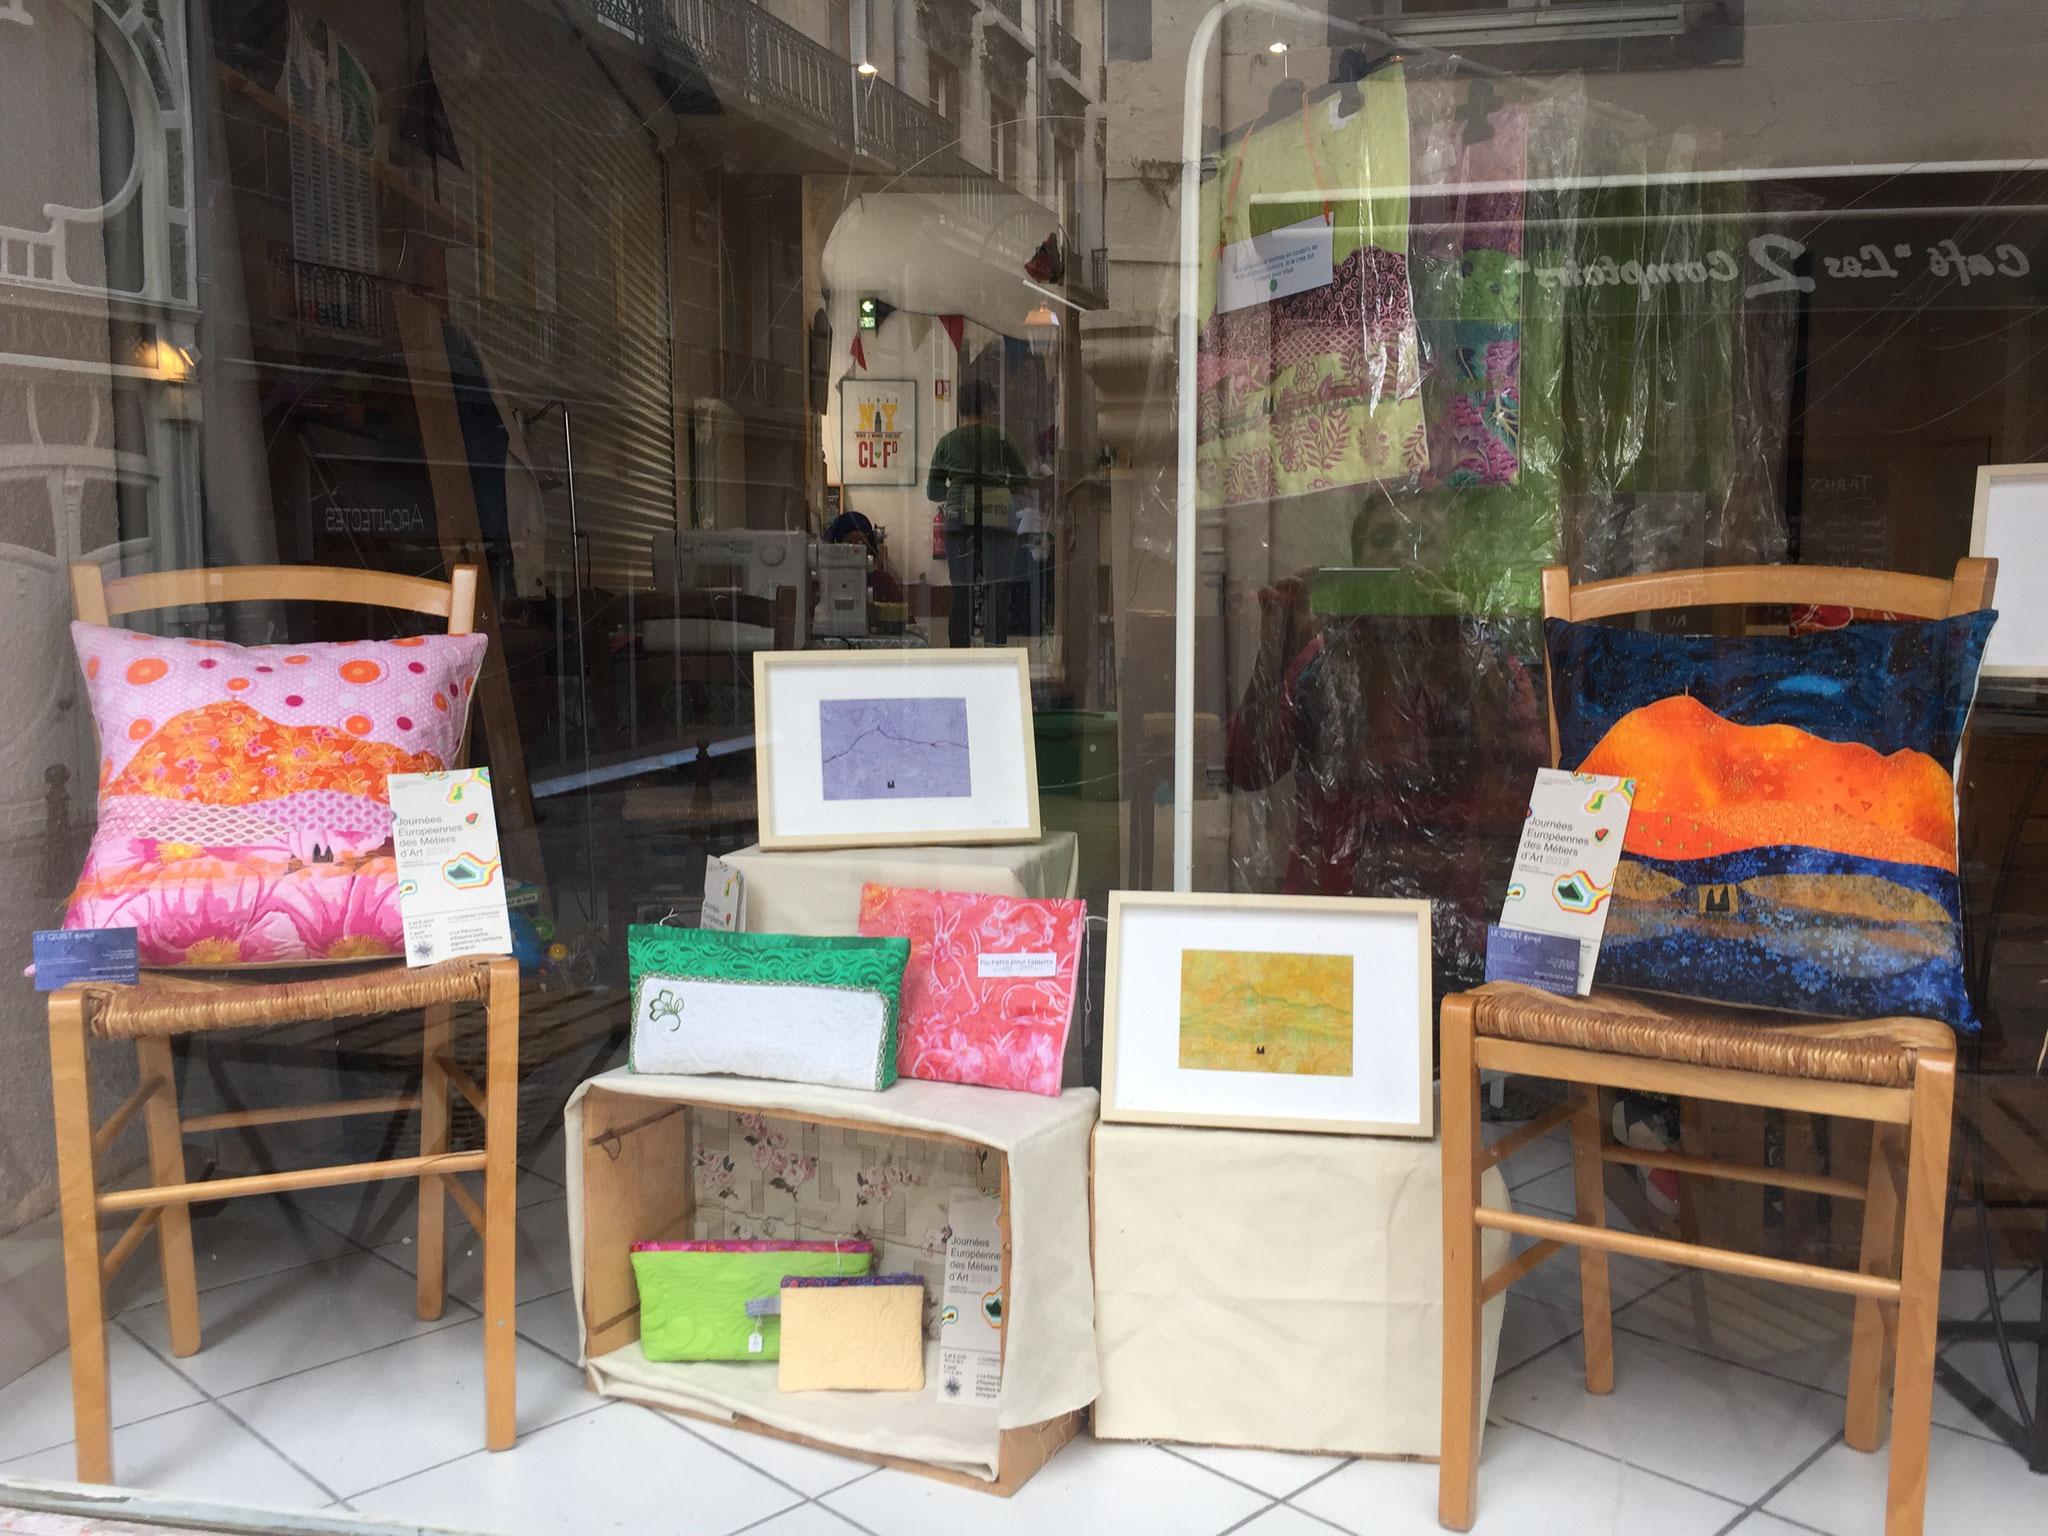 Dans l'autre vitrine : coussins, petits tableaux...